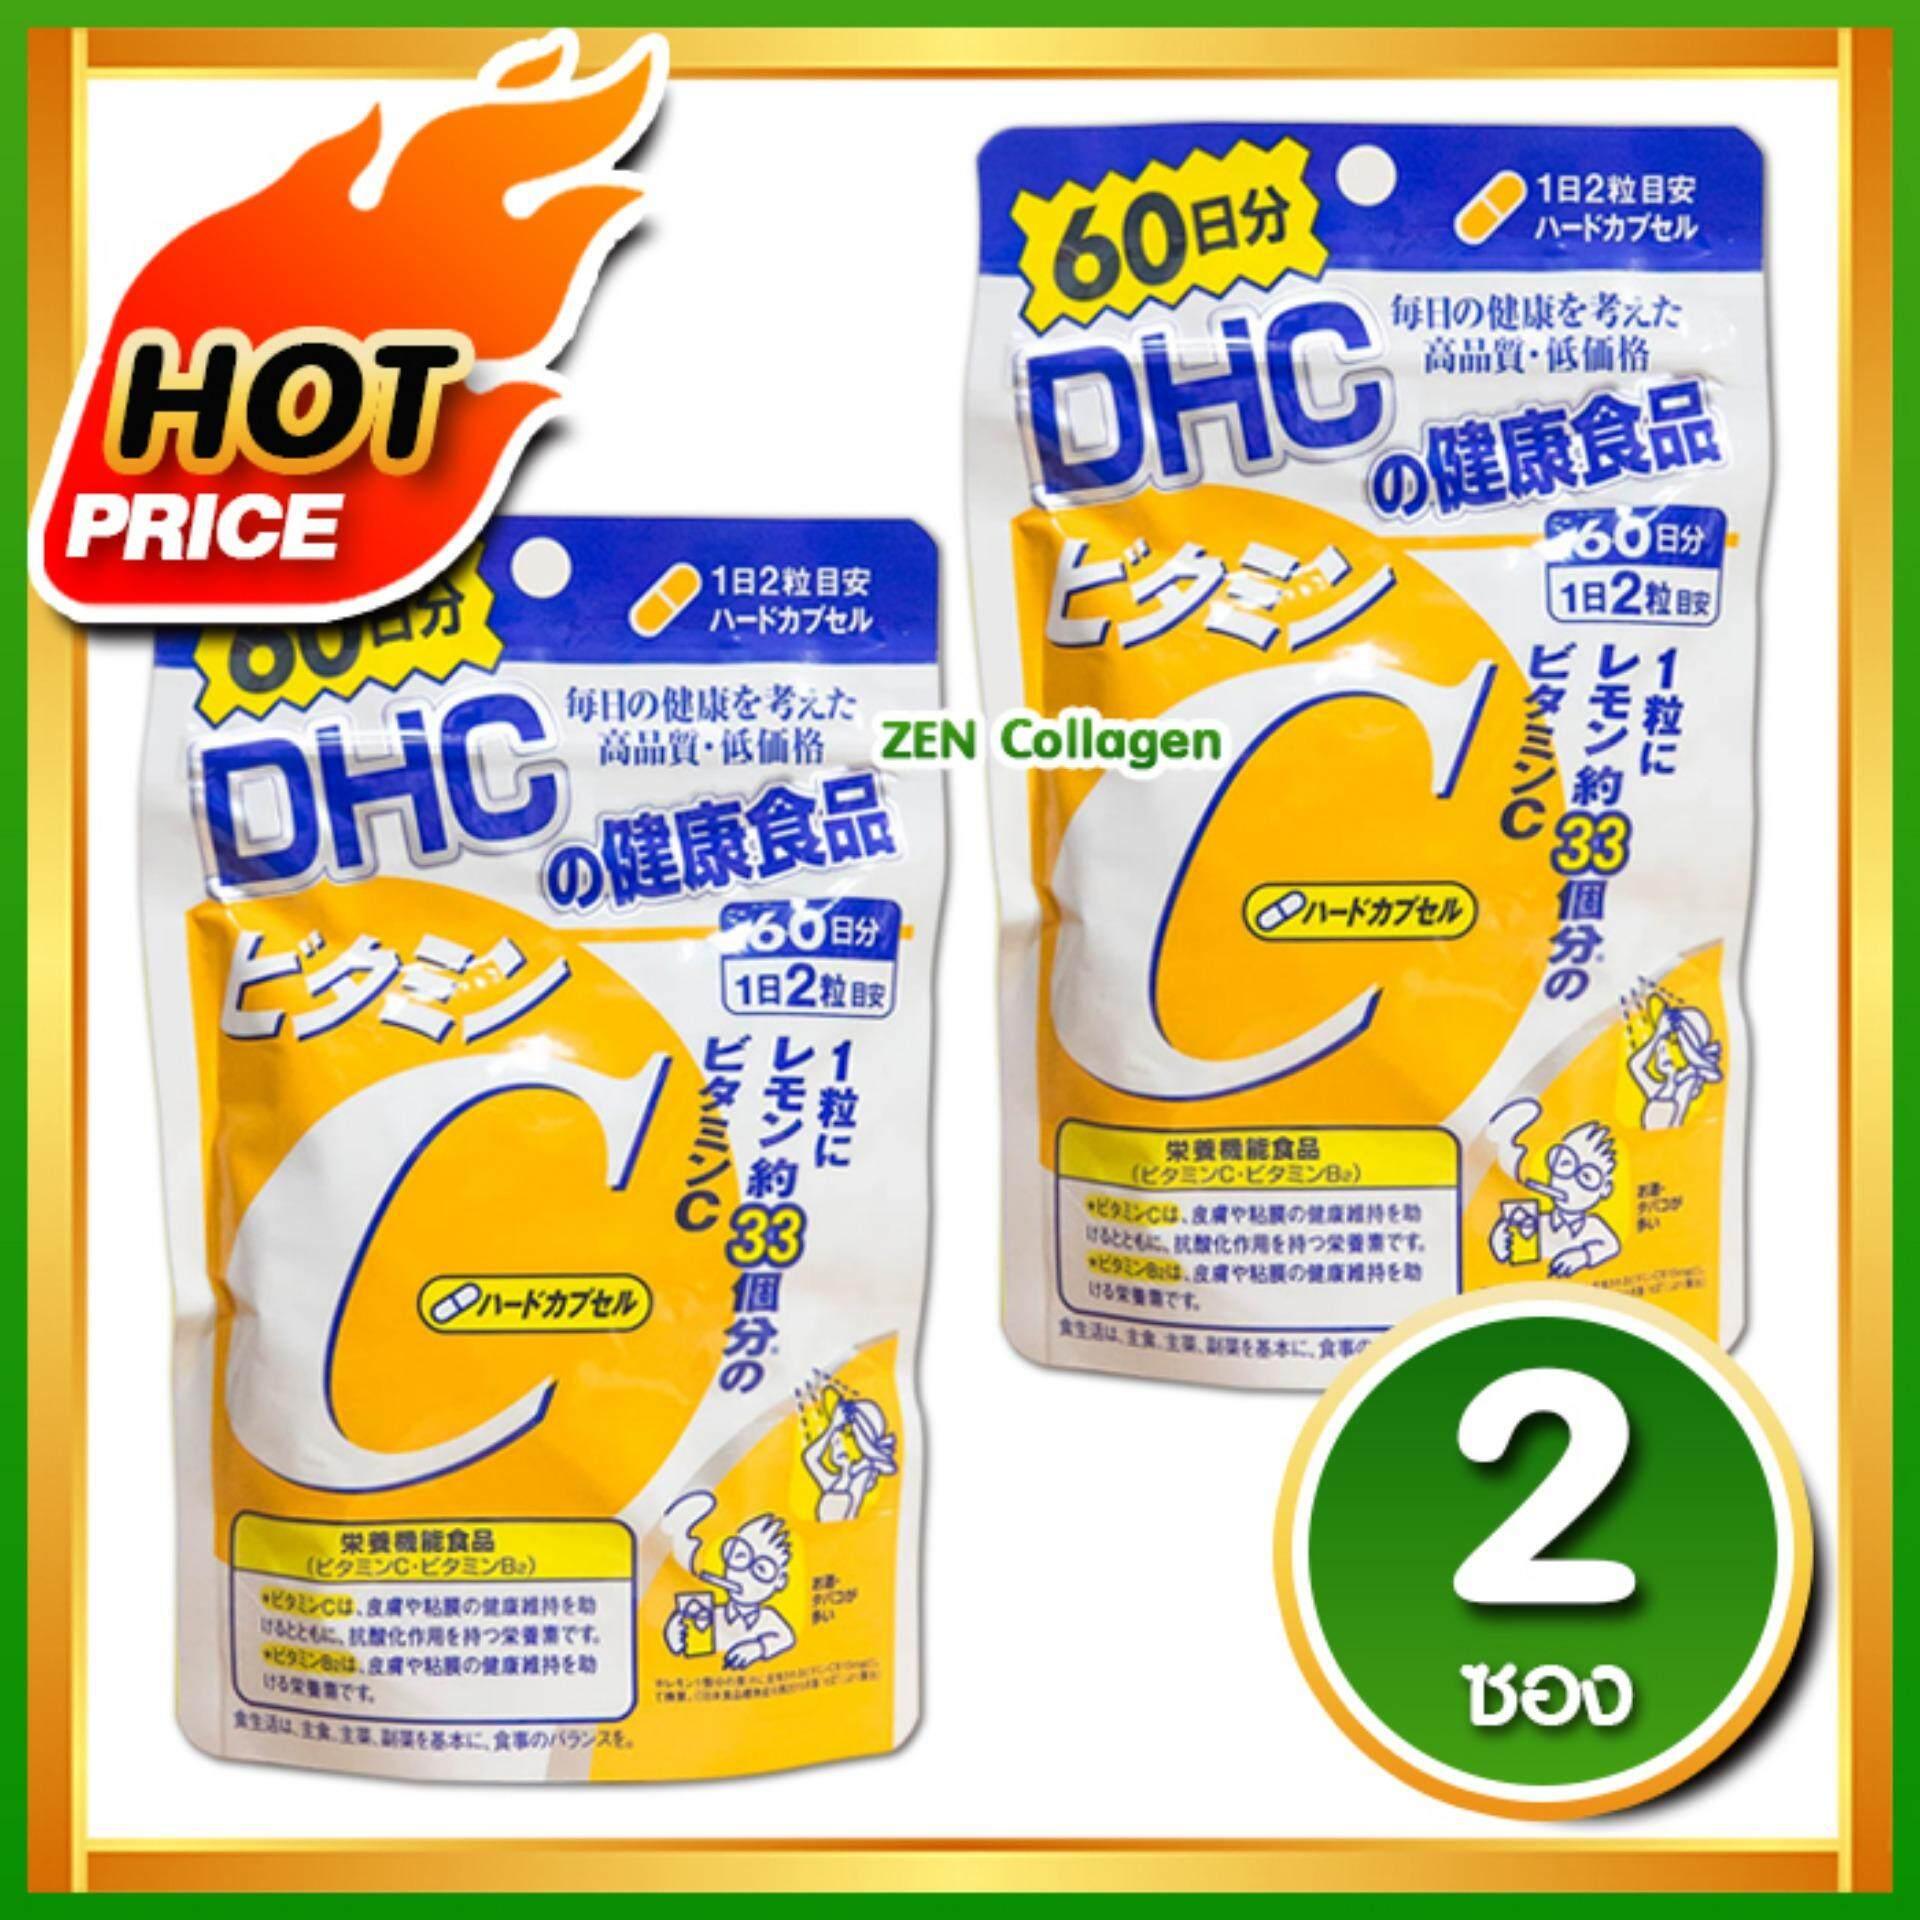 DHC Vitamin C ดีเอชซี วิตามินซี 60 วัน ผิวพรรณสดใส มีน้ำมีนวล  ผิวขาวกระจ่างใสหน้าดูผุดผ่อง ไม่หมองคล้ำ โดยเฉพาะผู้สูบบุหรี่และดื่มเหล้า